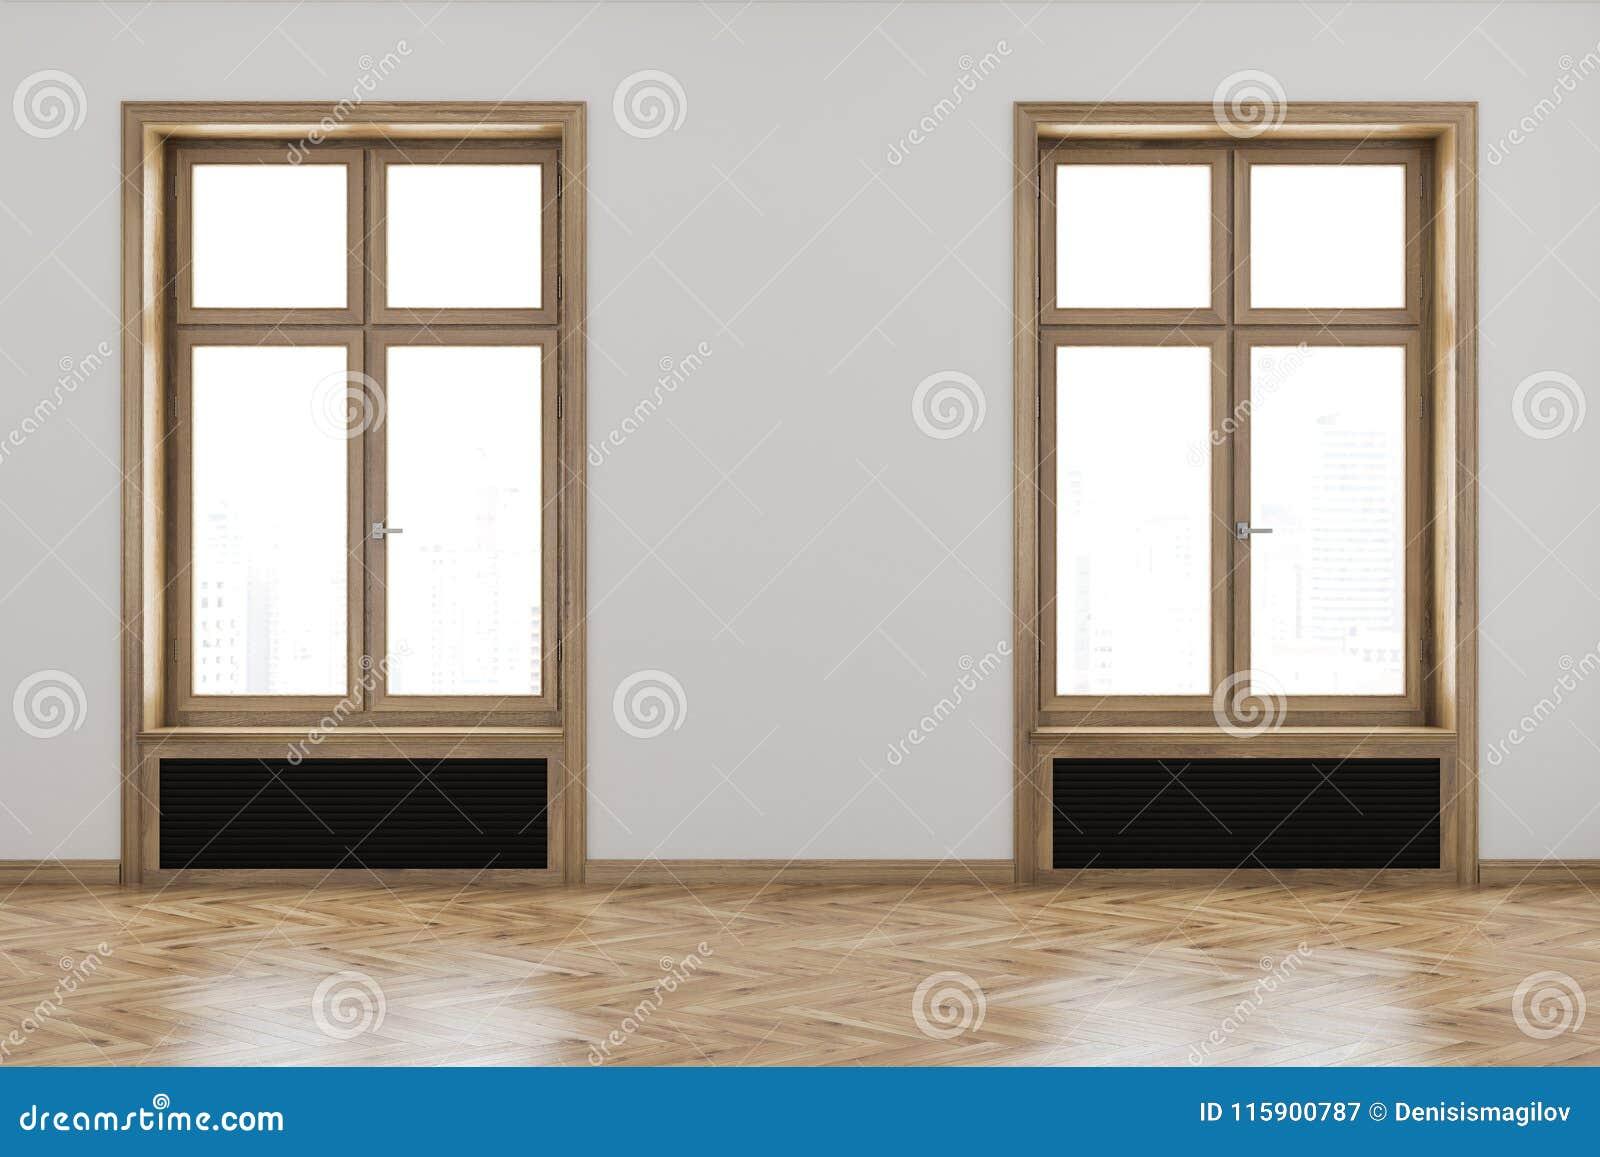 White Unfurnished Room Interior, Wooden Frames Stock Illustration ...